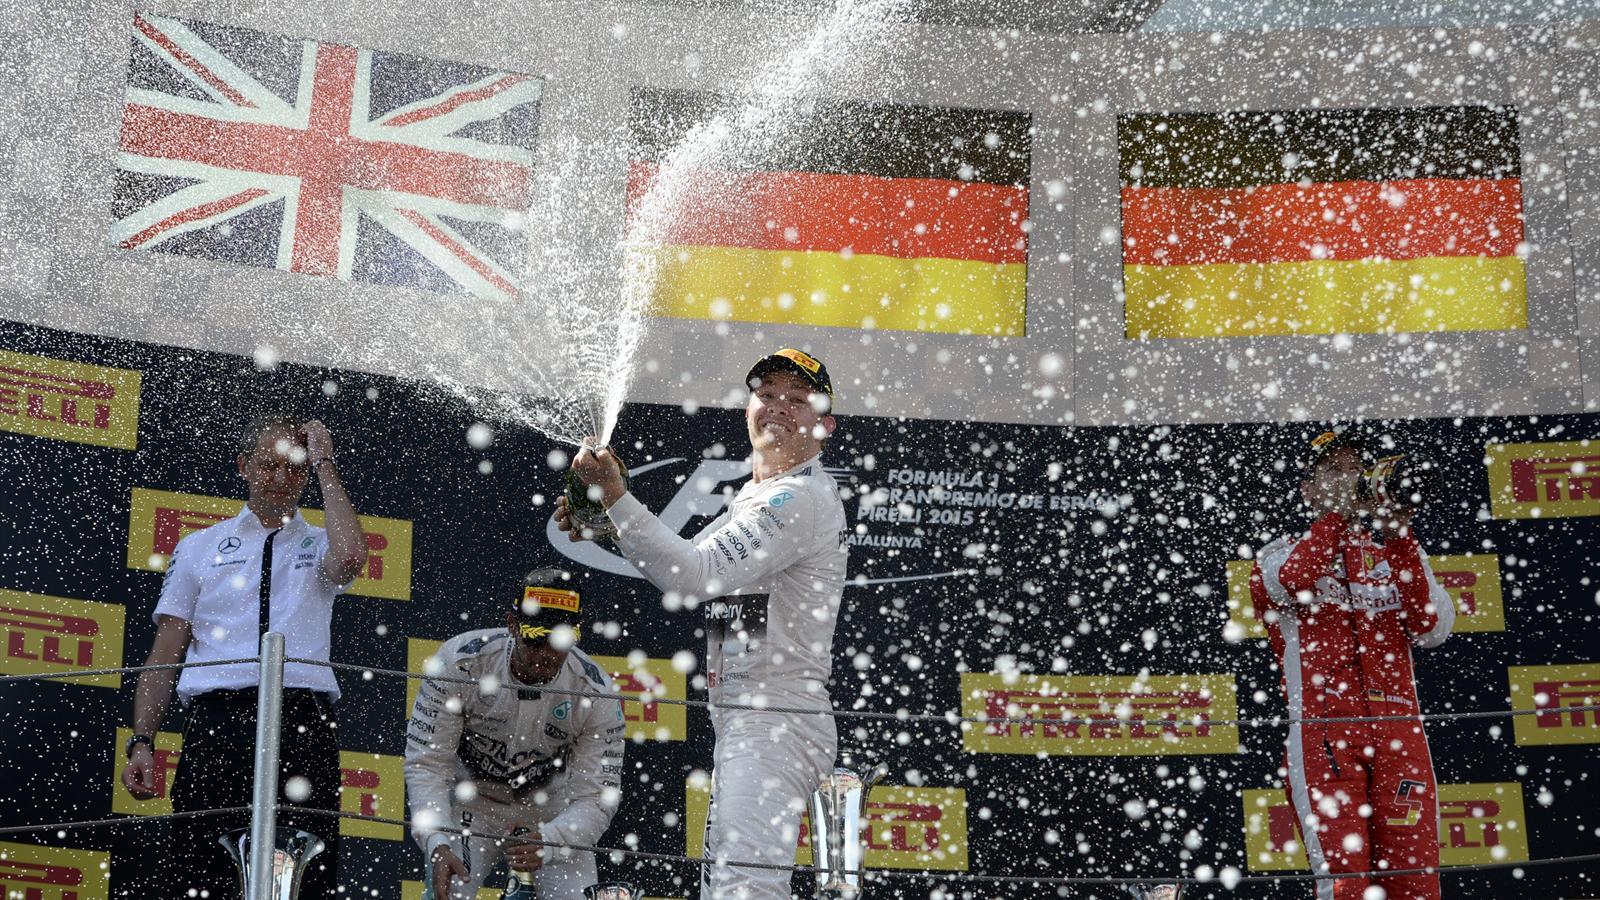 Spécial Sebastian Vettel (Formule un) - Page 18 1505417-32105508-1600-900